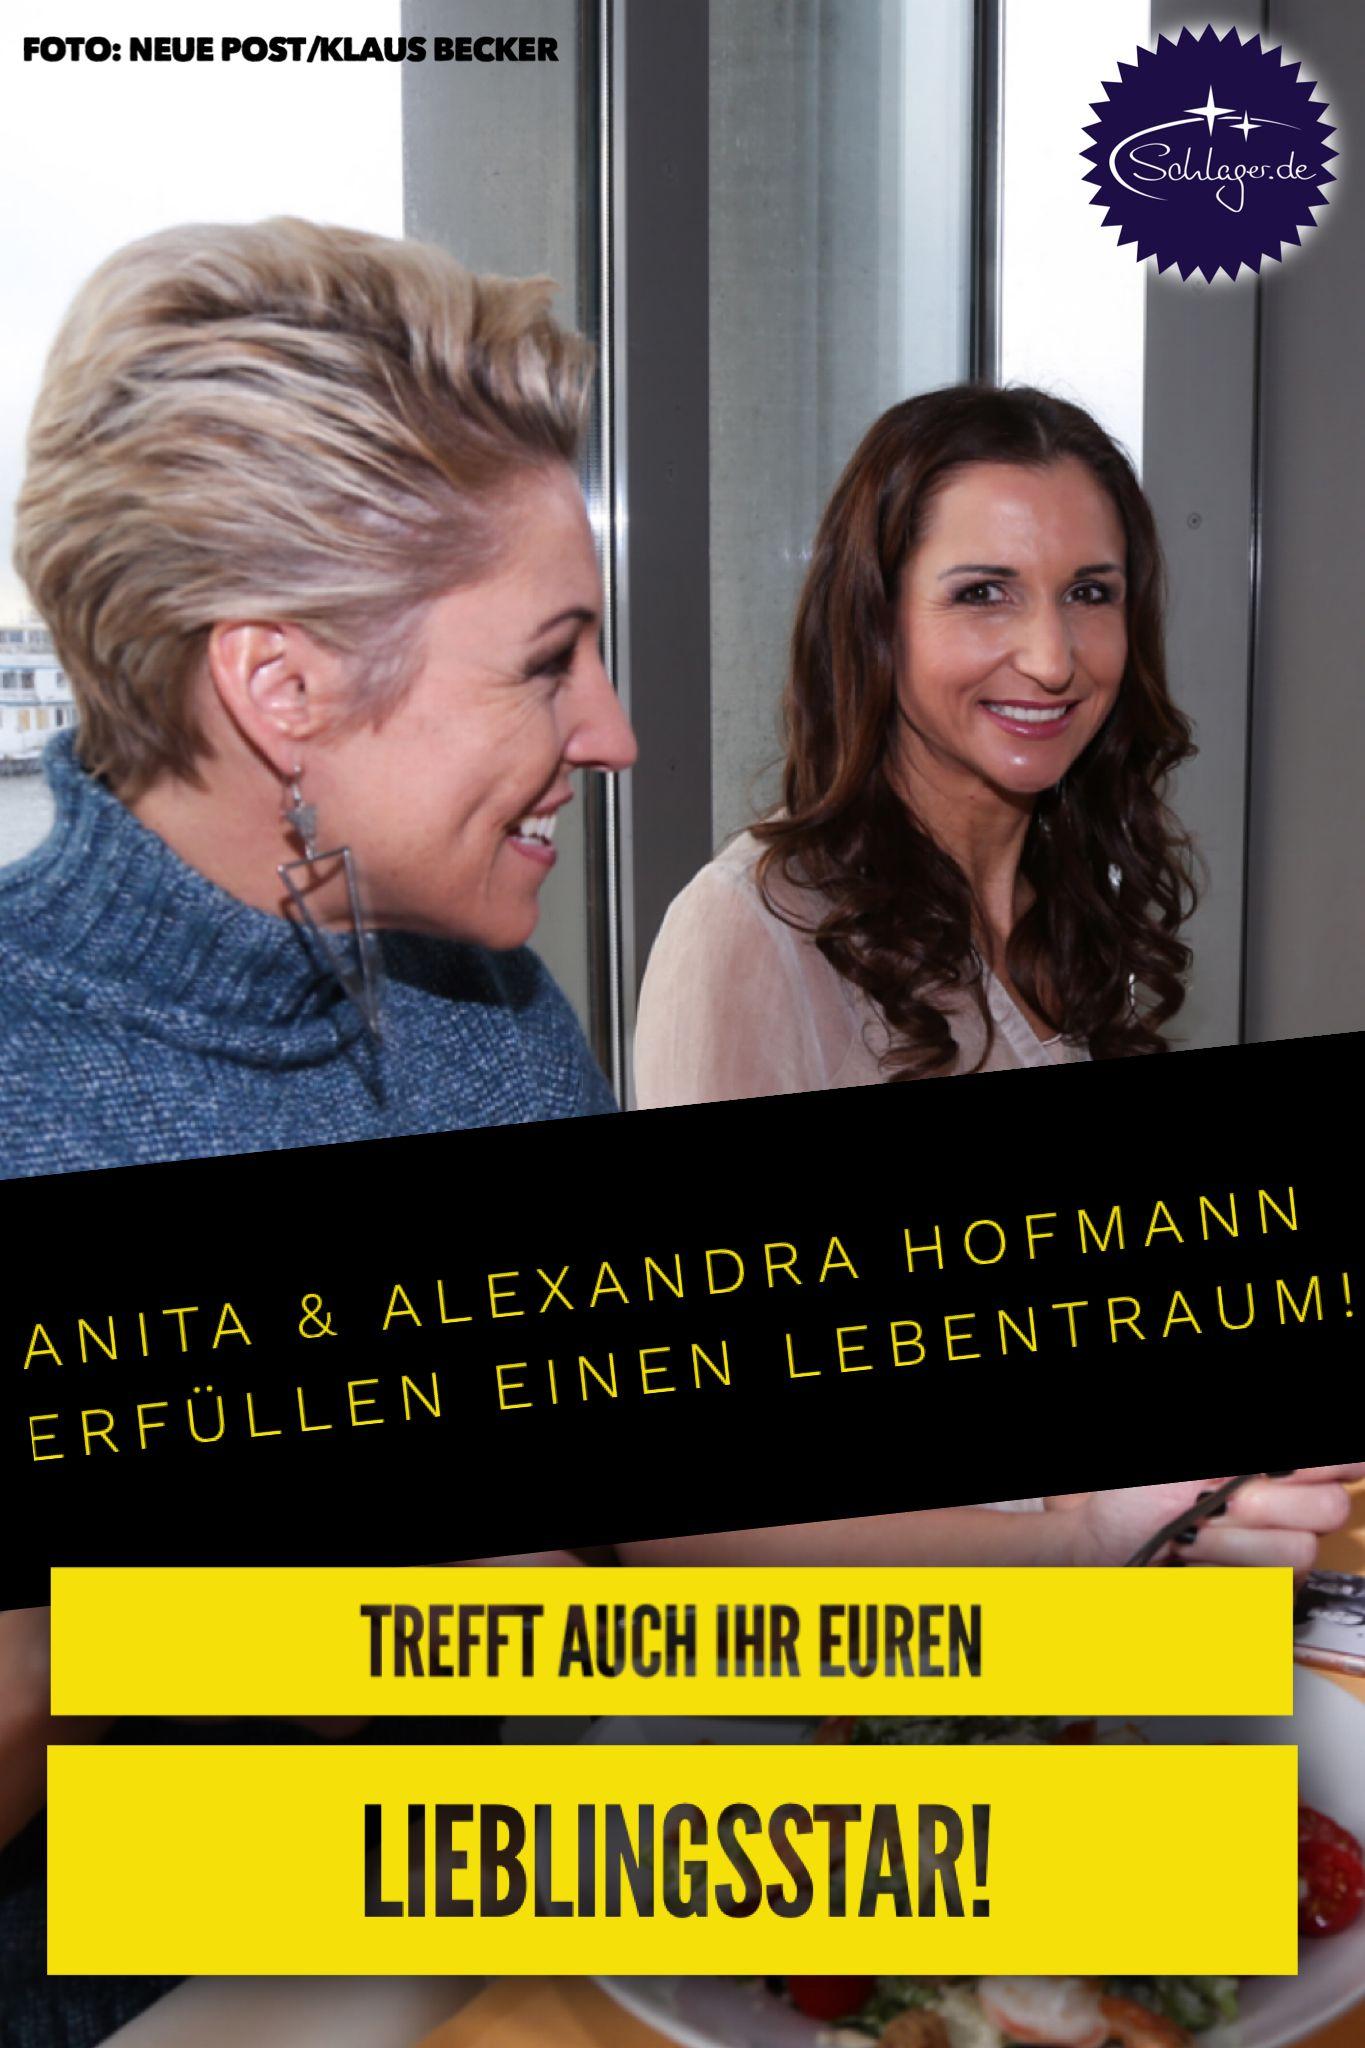 Neu Anita Alexandra Hofmann Als Glucksbotinnen Erfullen Sie Gunnars Grossten Wunsch Schlager De Was Fur Ein Tag Glucksbote Gluck